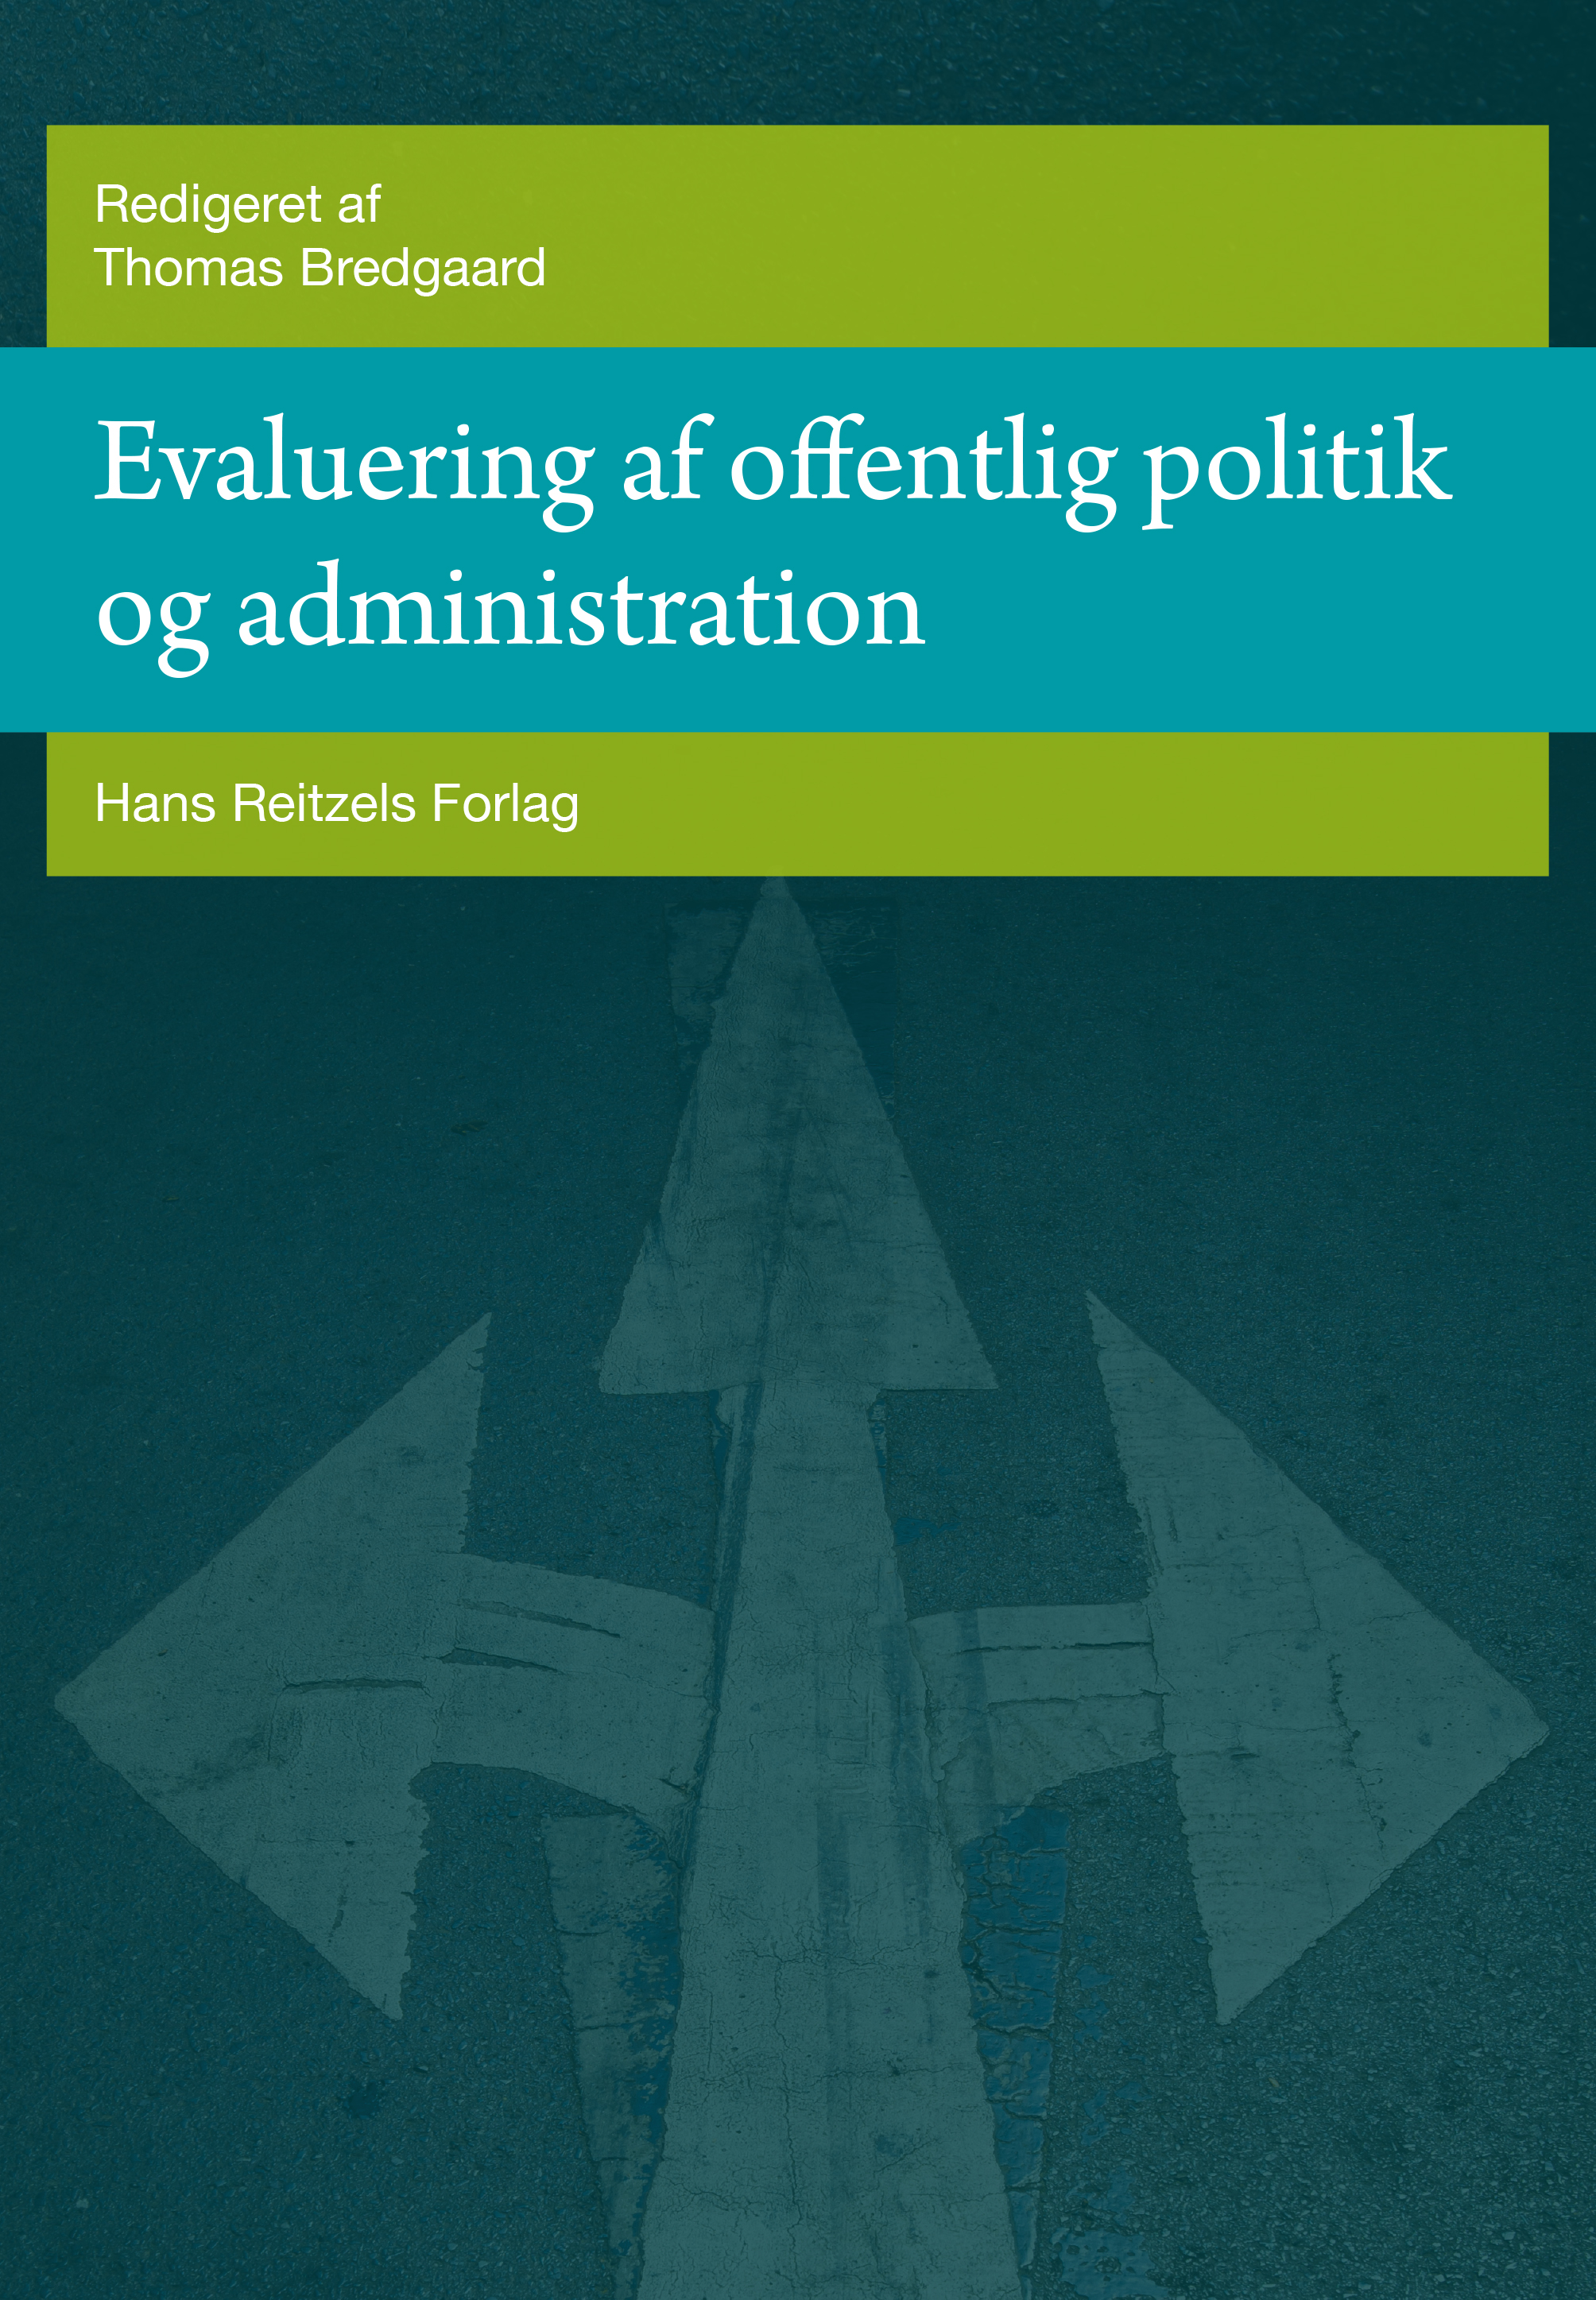 Evaluering af offentlig politik og administration